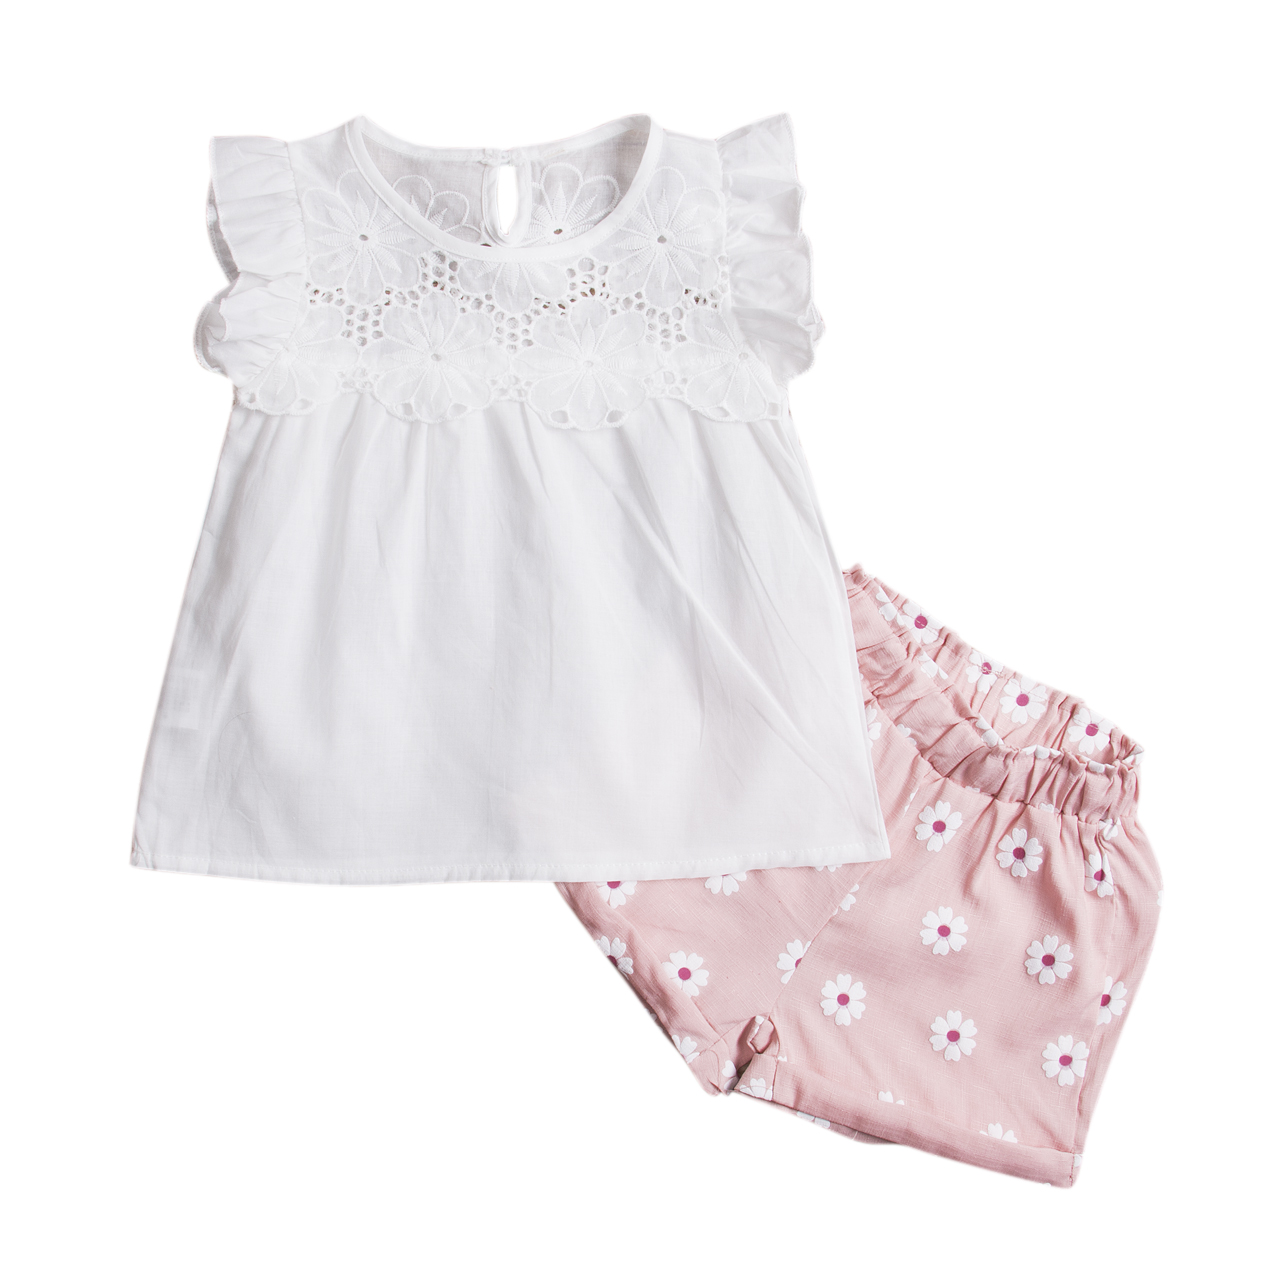 2 шт. летние детские детская одежда для девочек шорты с цветочным принтом Брюки для девочек + Кружево верхняя одежда комплект